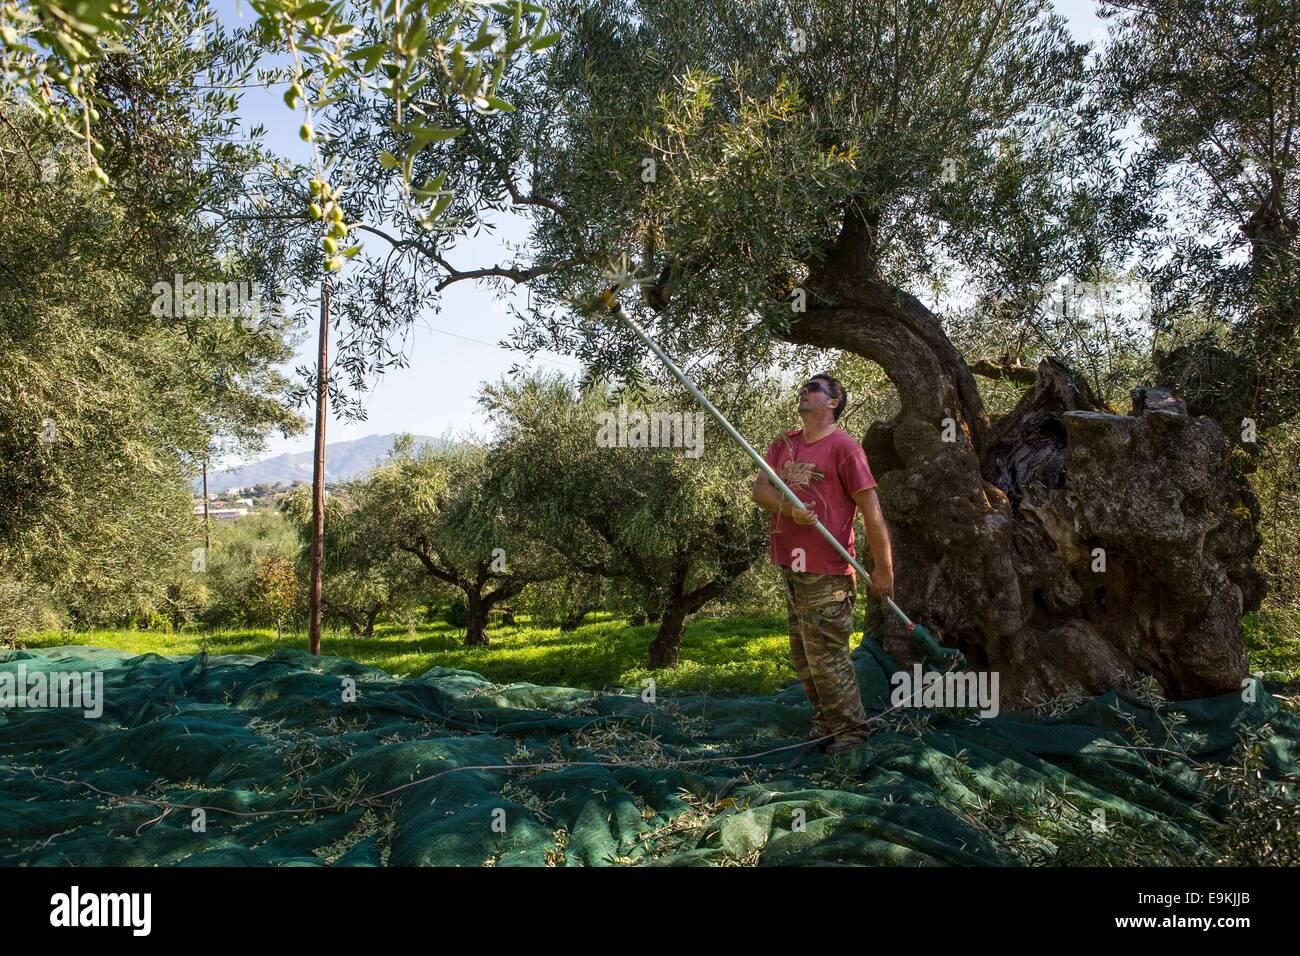 Harvesting of olives at Zakynthos (Greece) - Stock Image